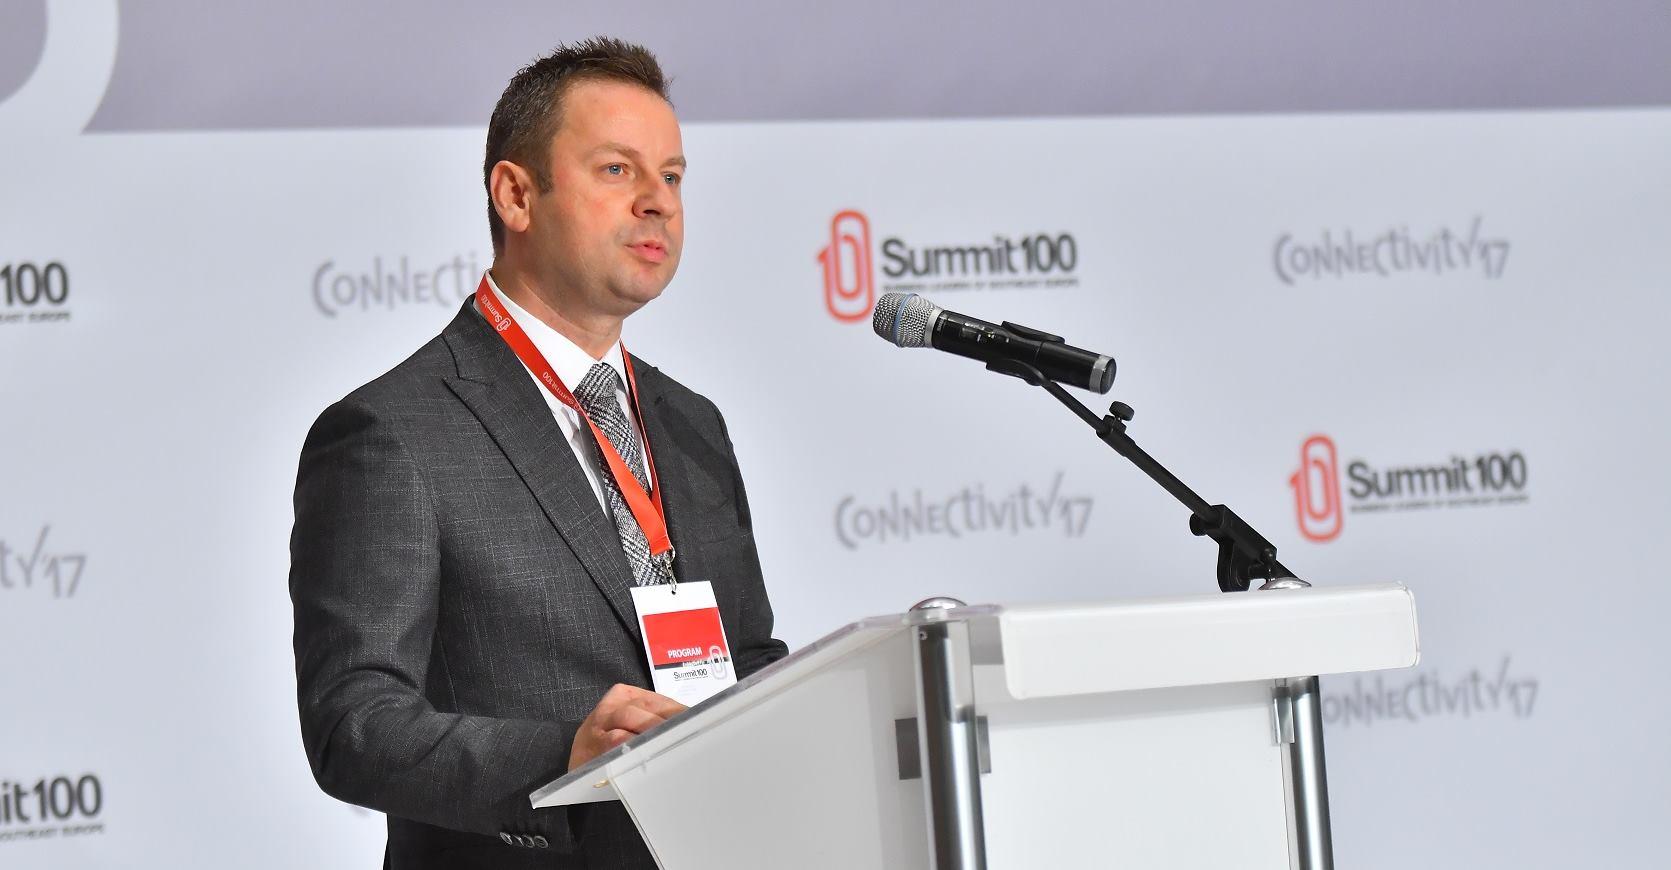 FOTO: Počeo godišnji SUMMIT100 poslovnih lidera JI Europe